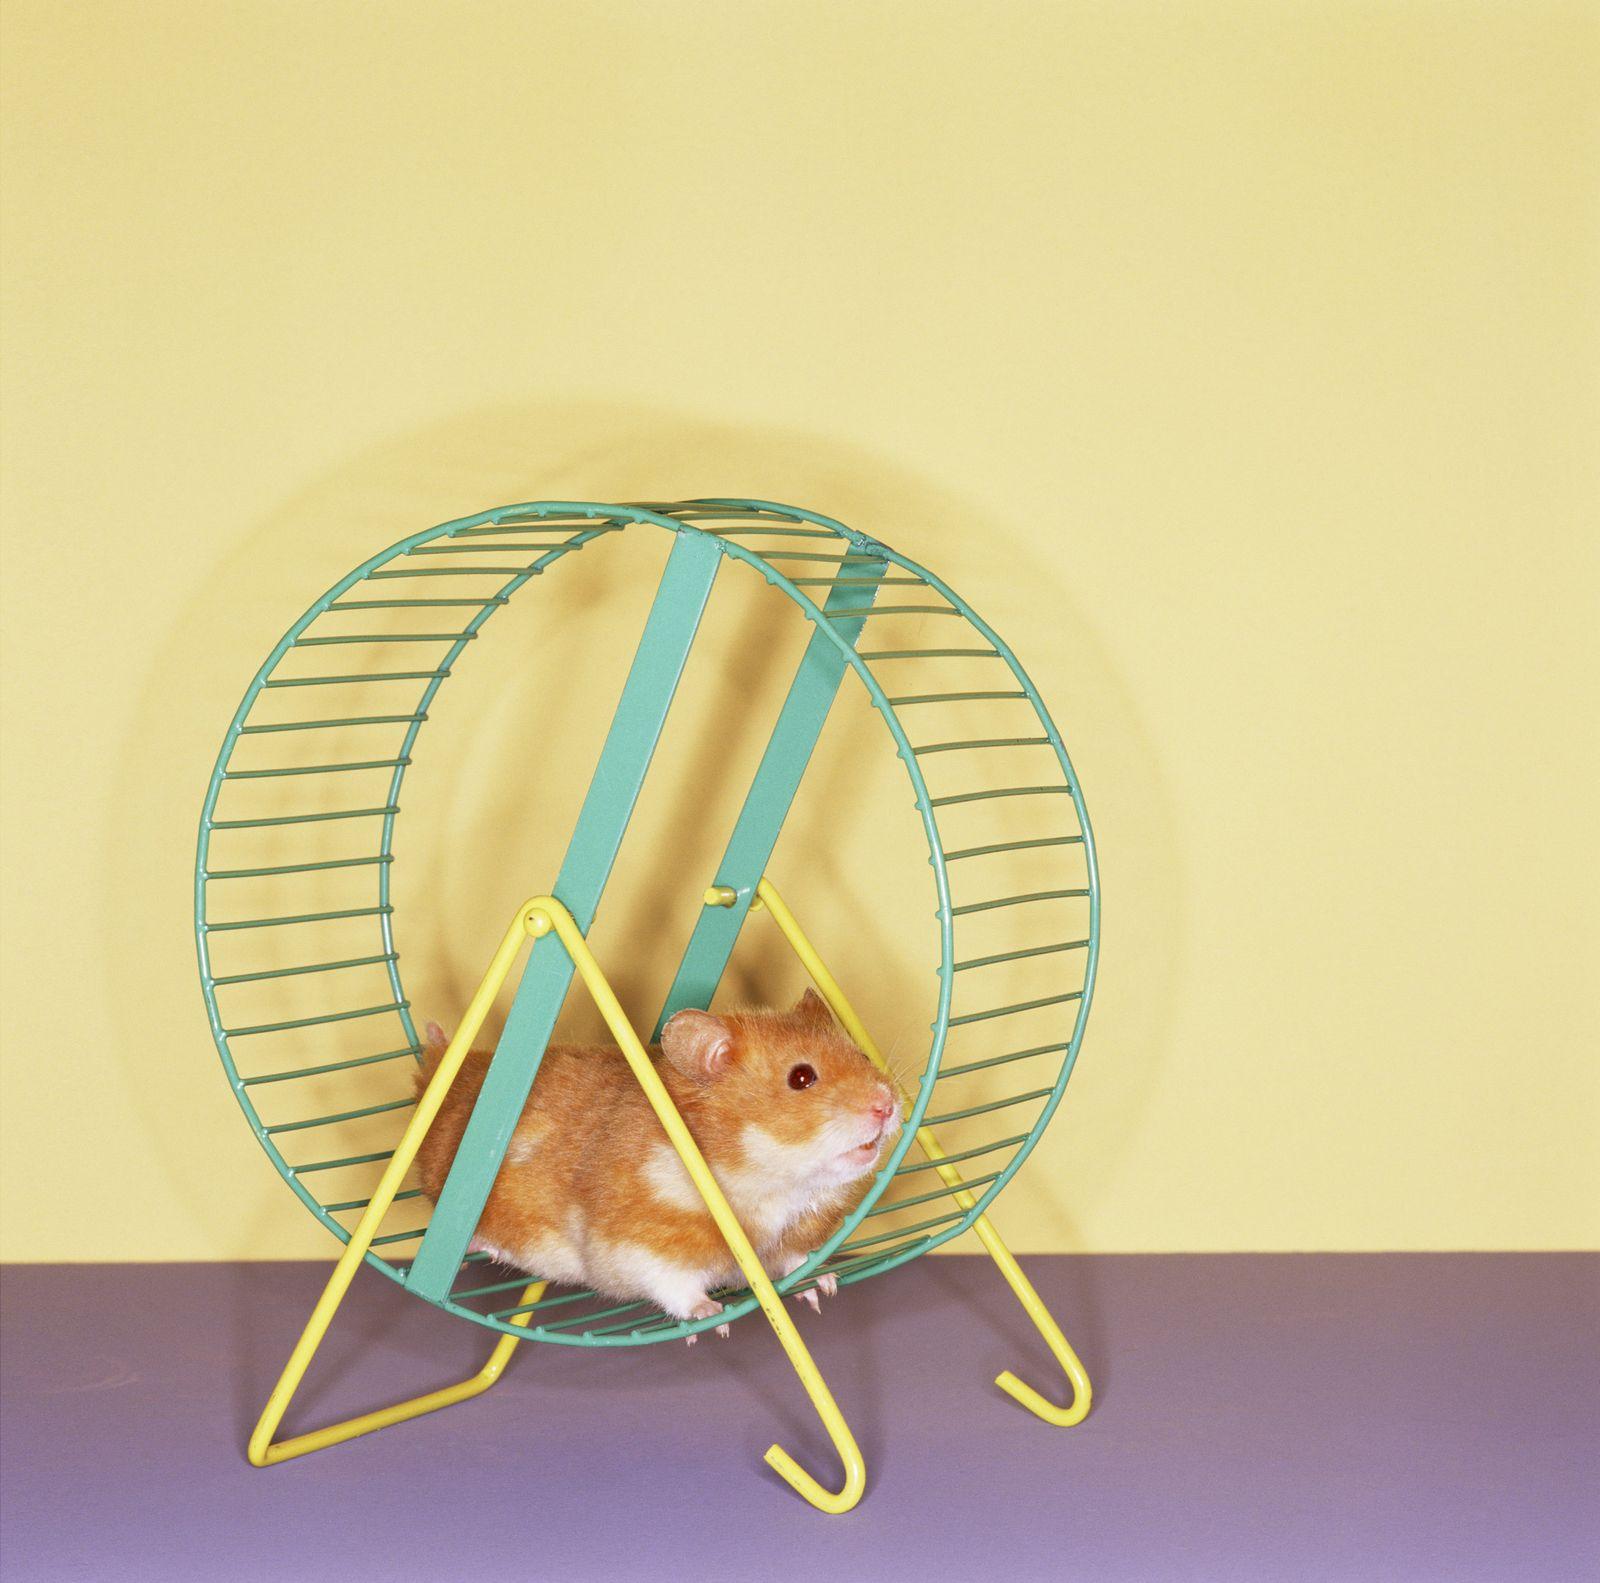 NICHT MEHR VERWENDEN! - Hamsterrad